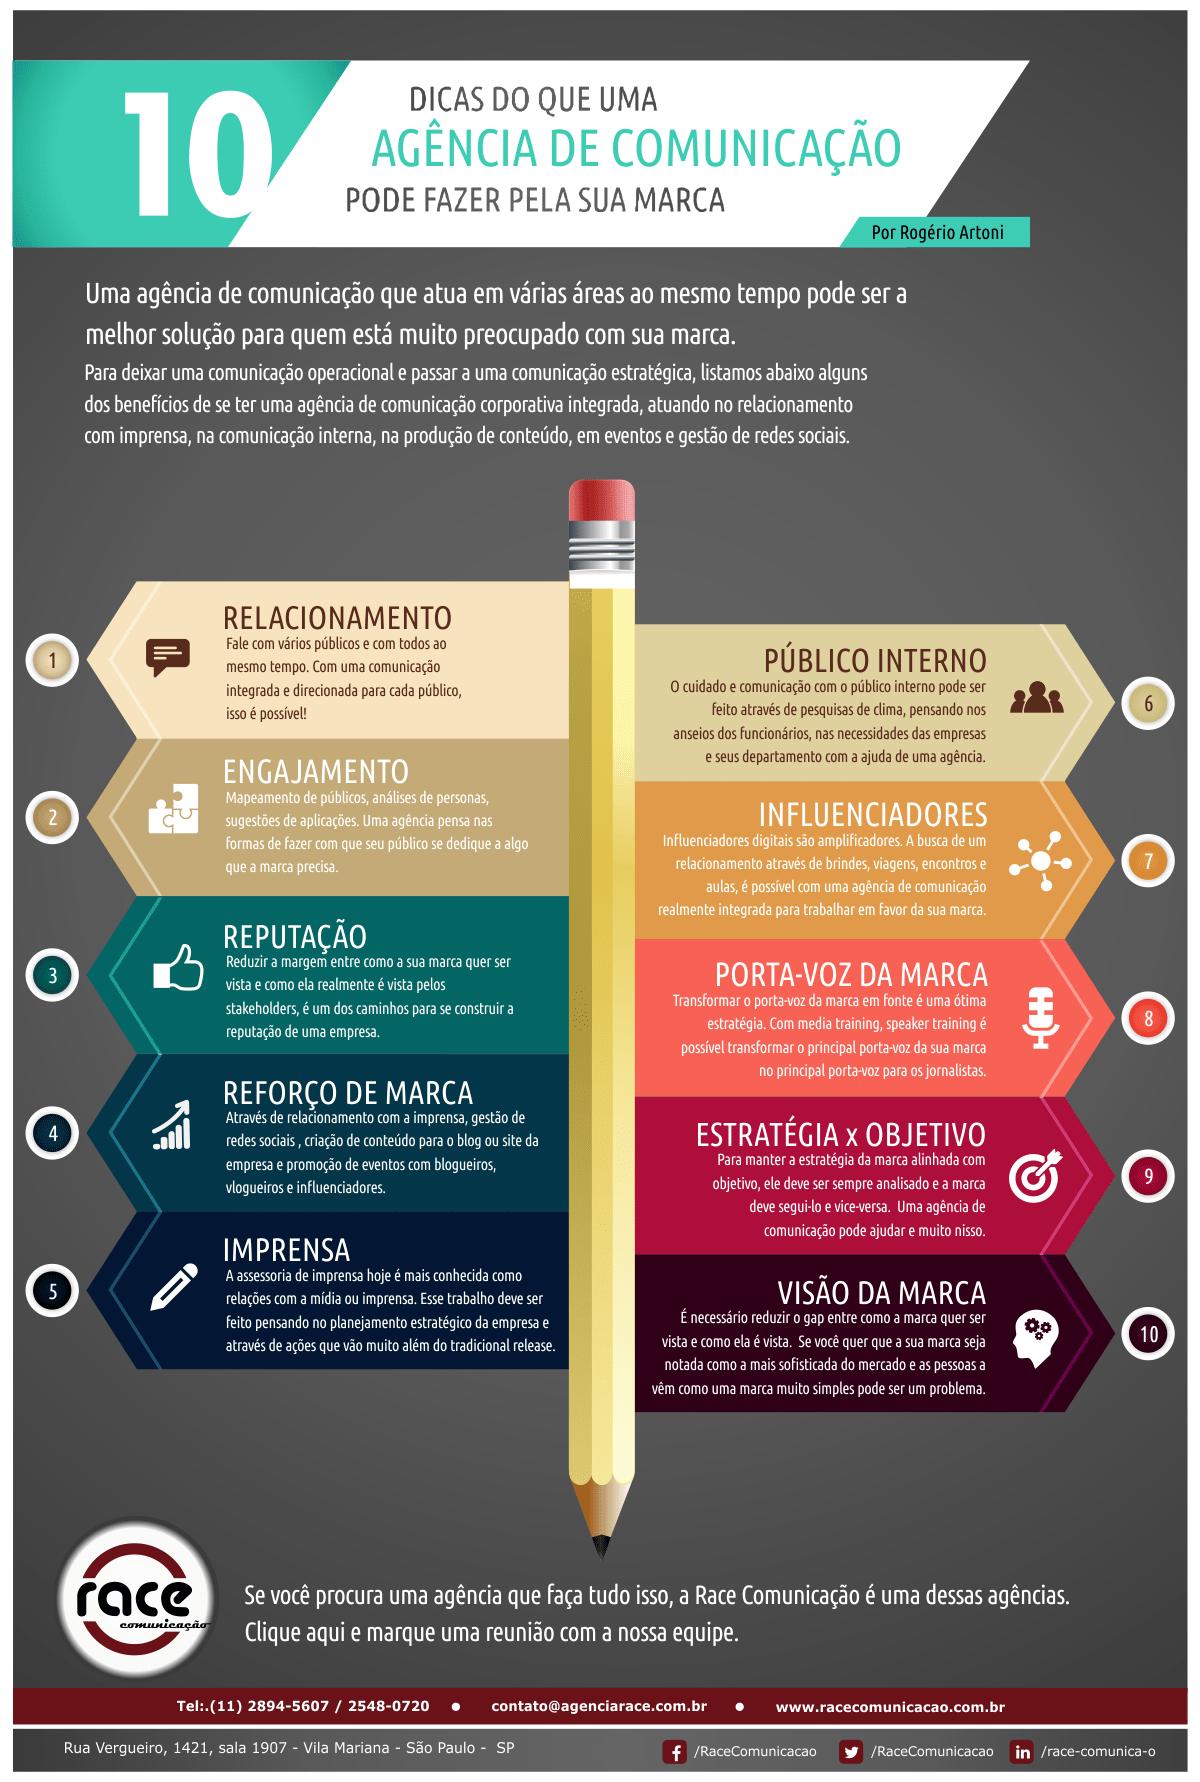 10 coisas que uma agência de comunicação pode fazer pela sua marca